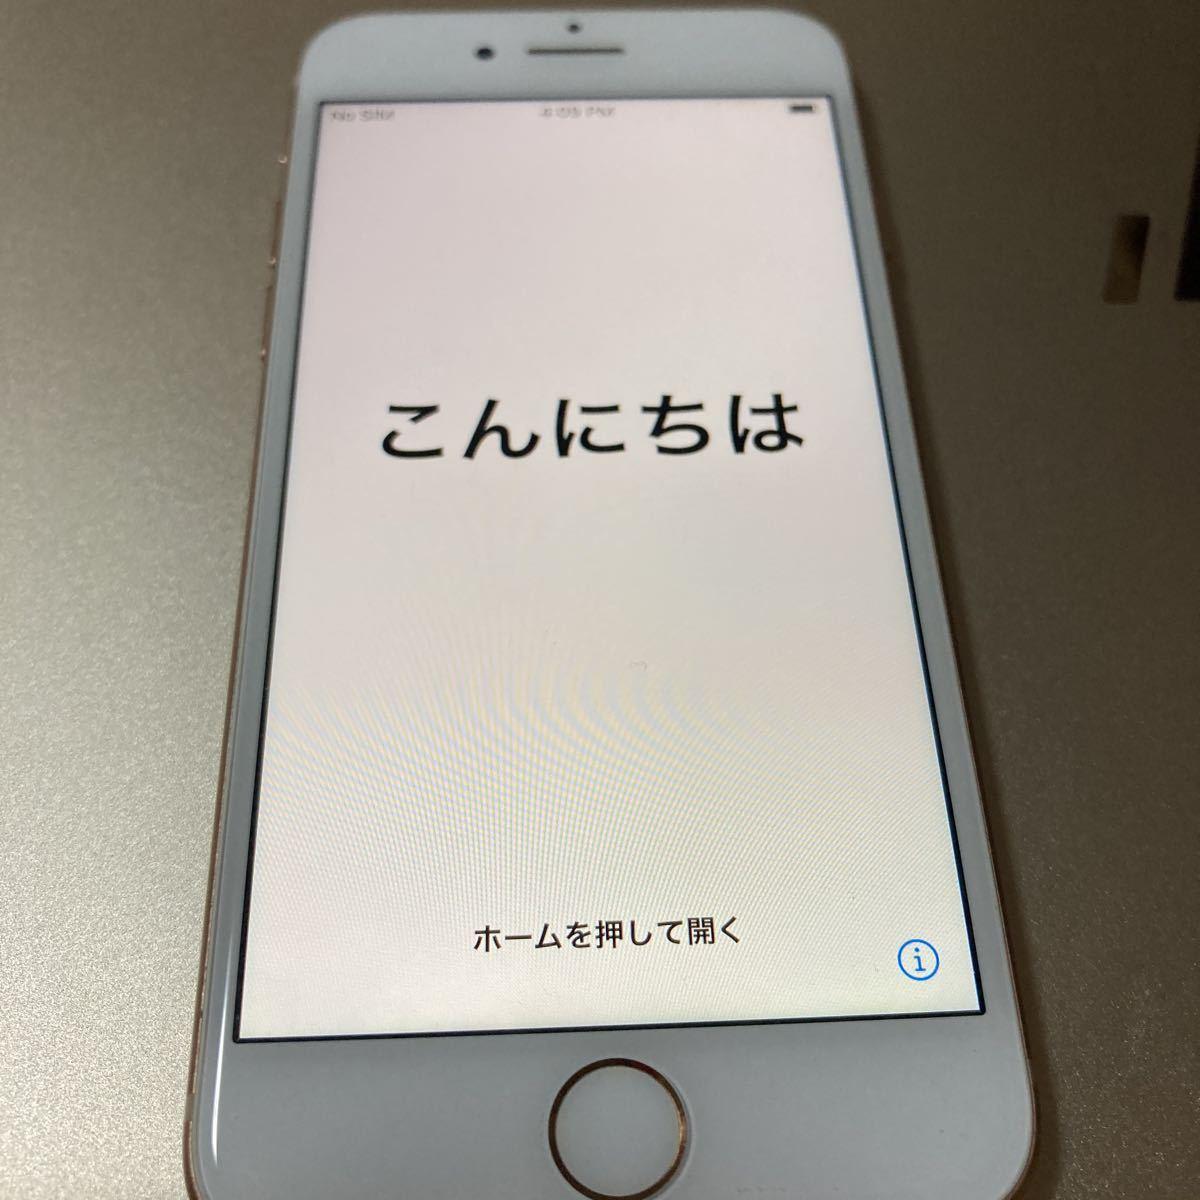 美品 iPhone 8 SIMフリー 64GB ゴールド 本体のみ バッテリー84% iOS14.4 利用制限なし SIMロック解除 Apple ローズゴールド